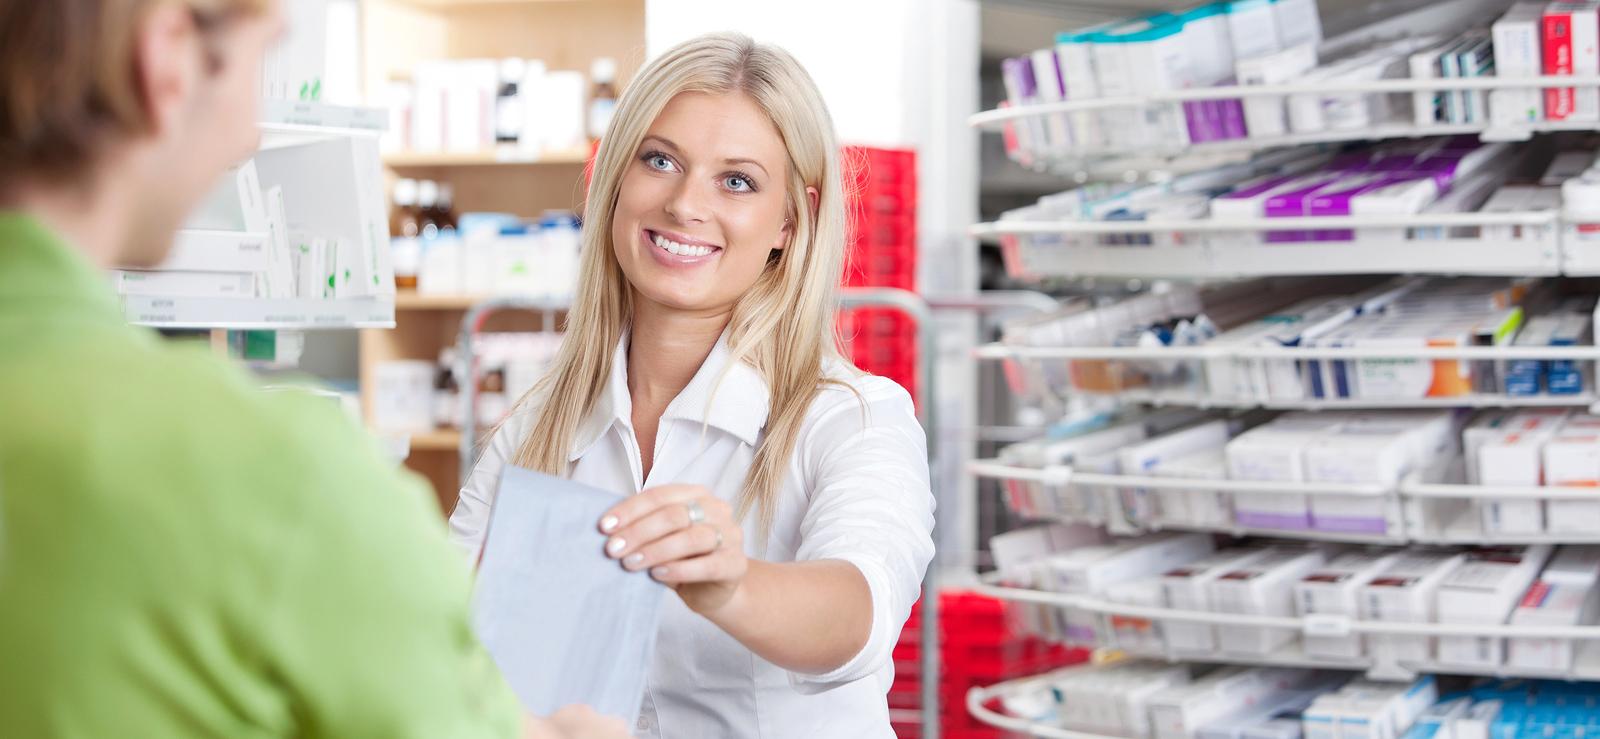 Rüyada Müşteri Olup Alışveriş Yaptığını Görmek Ne Demektir